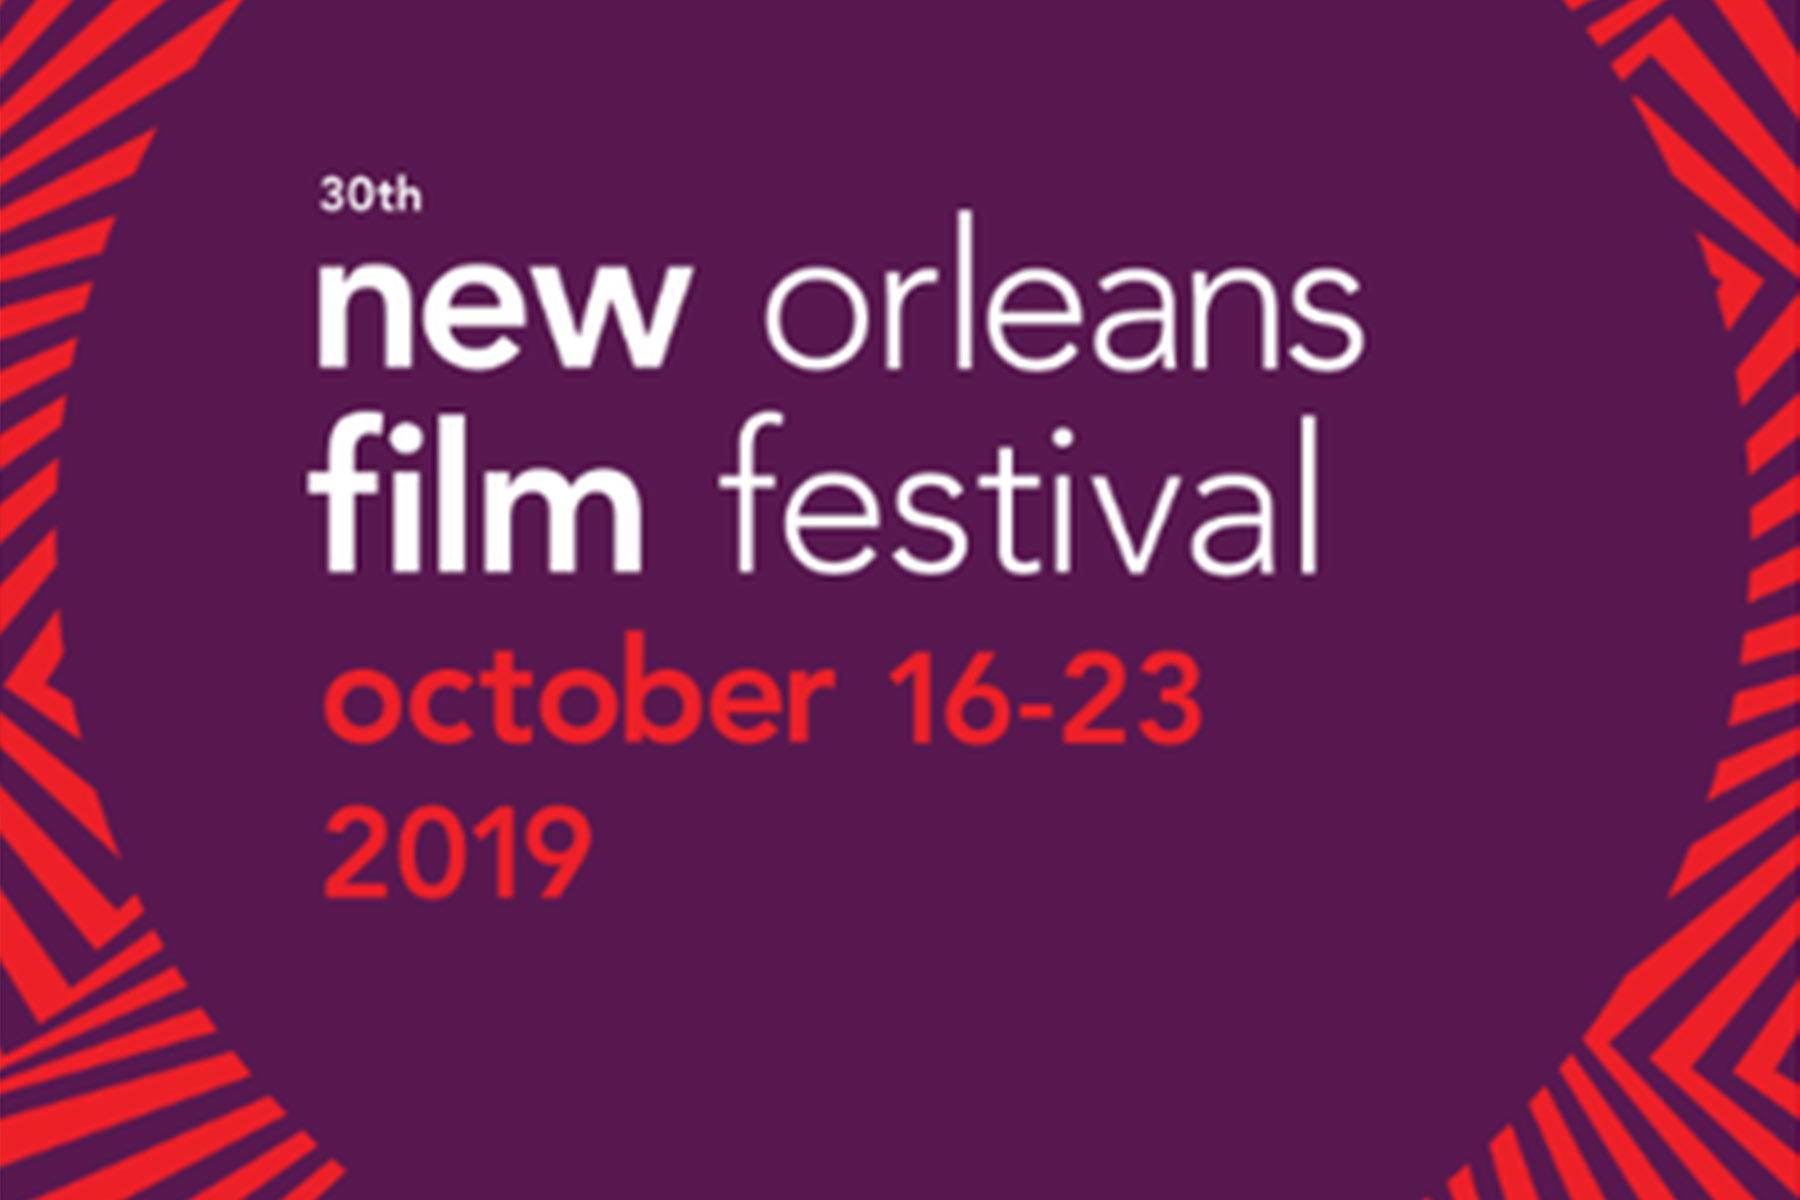 Film Festival New Orleans 2019